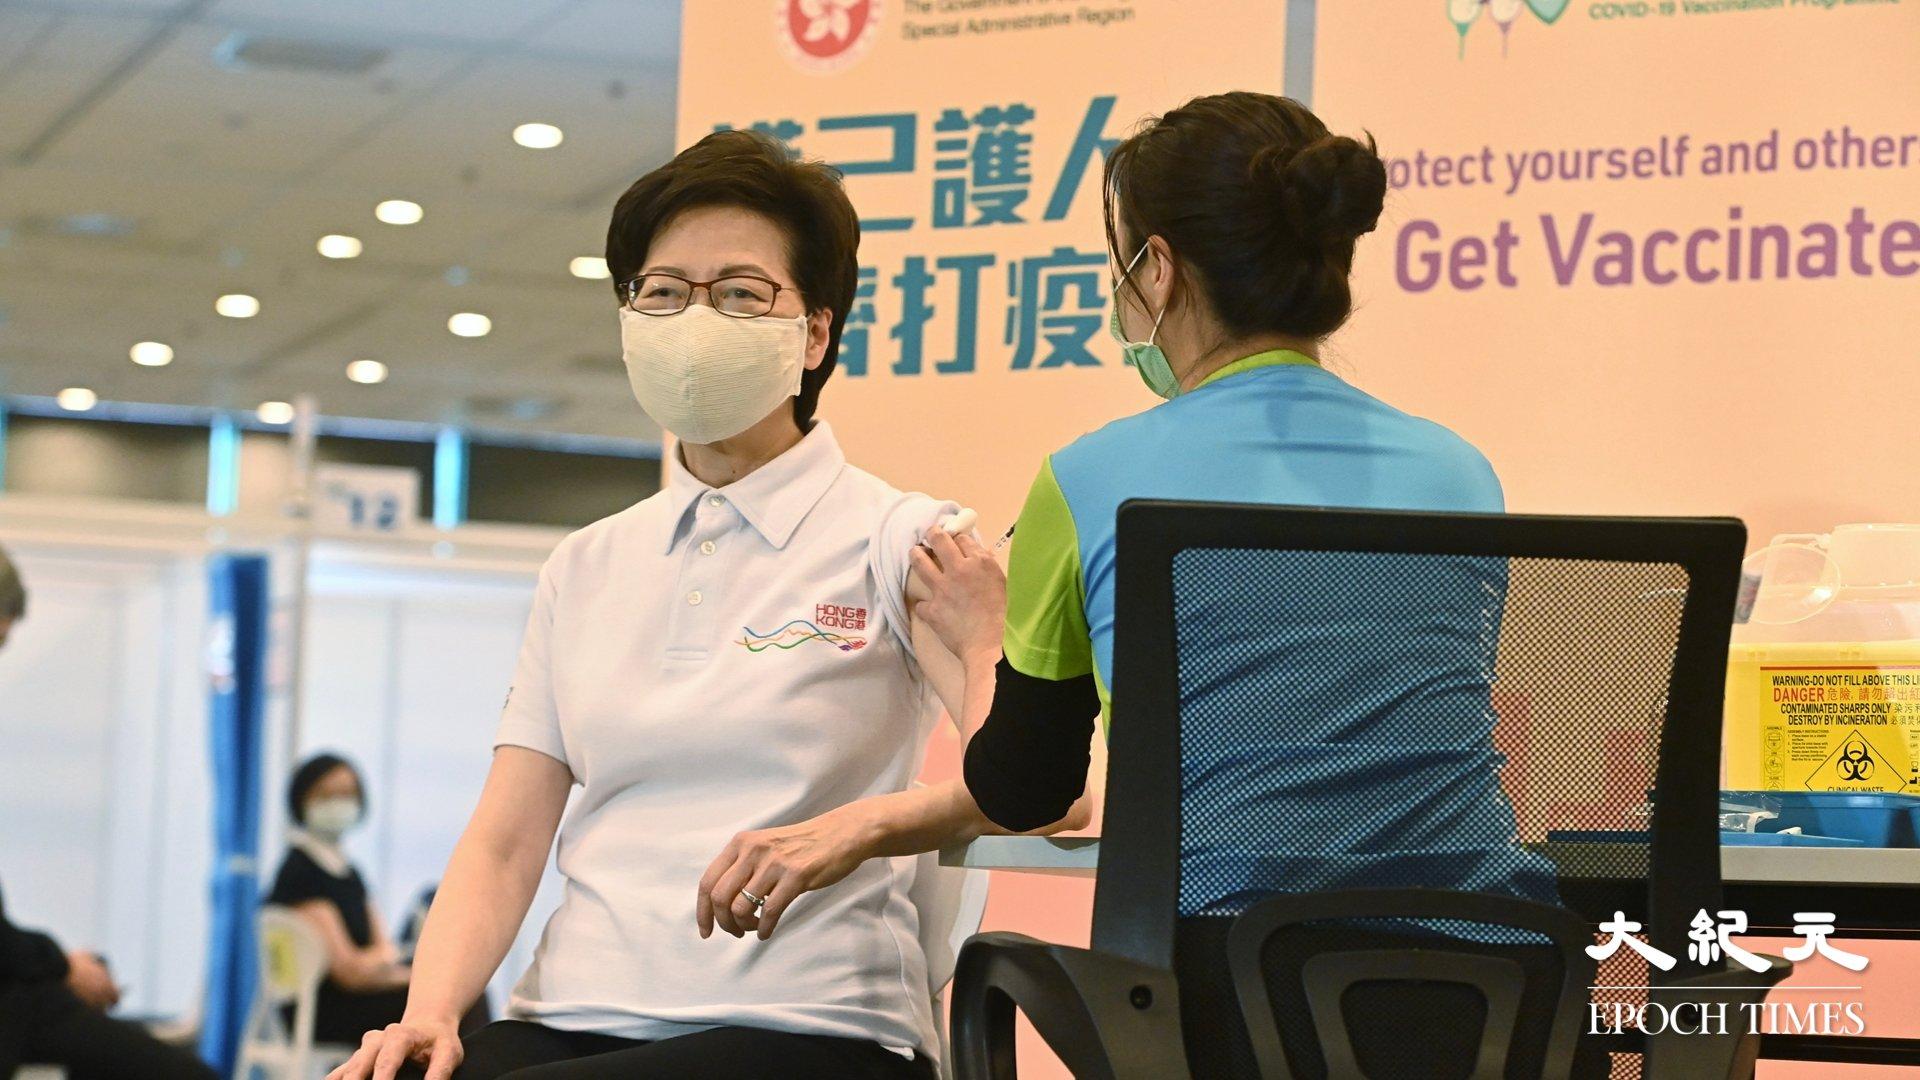 林鄭在接種科興(中共肺炎)疫苗。(宋碧龍/大紀元)